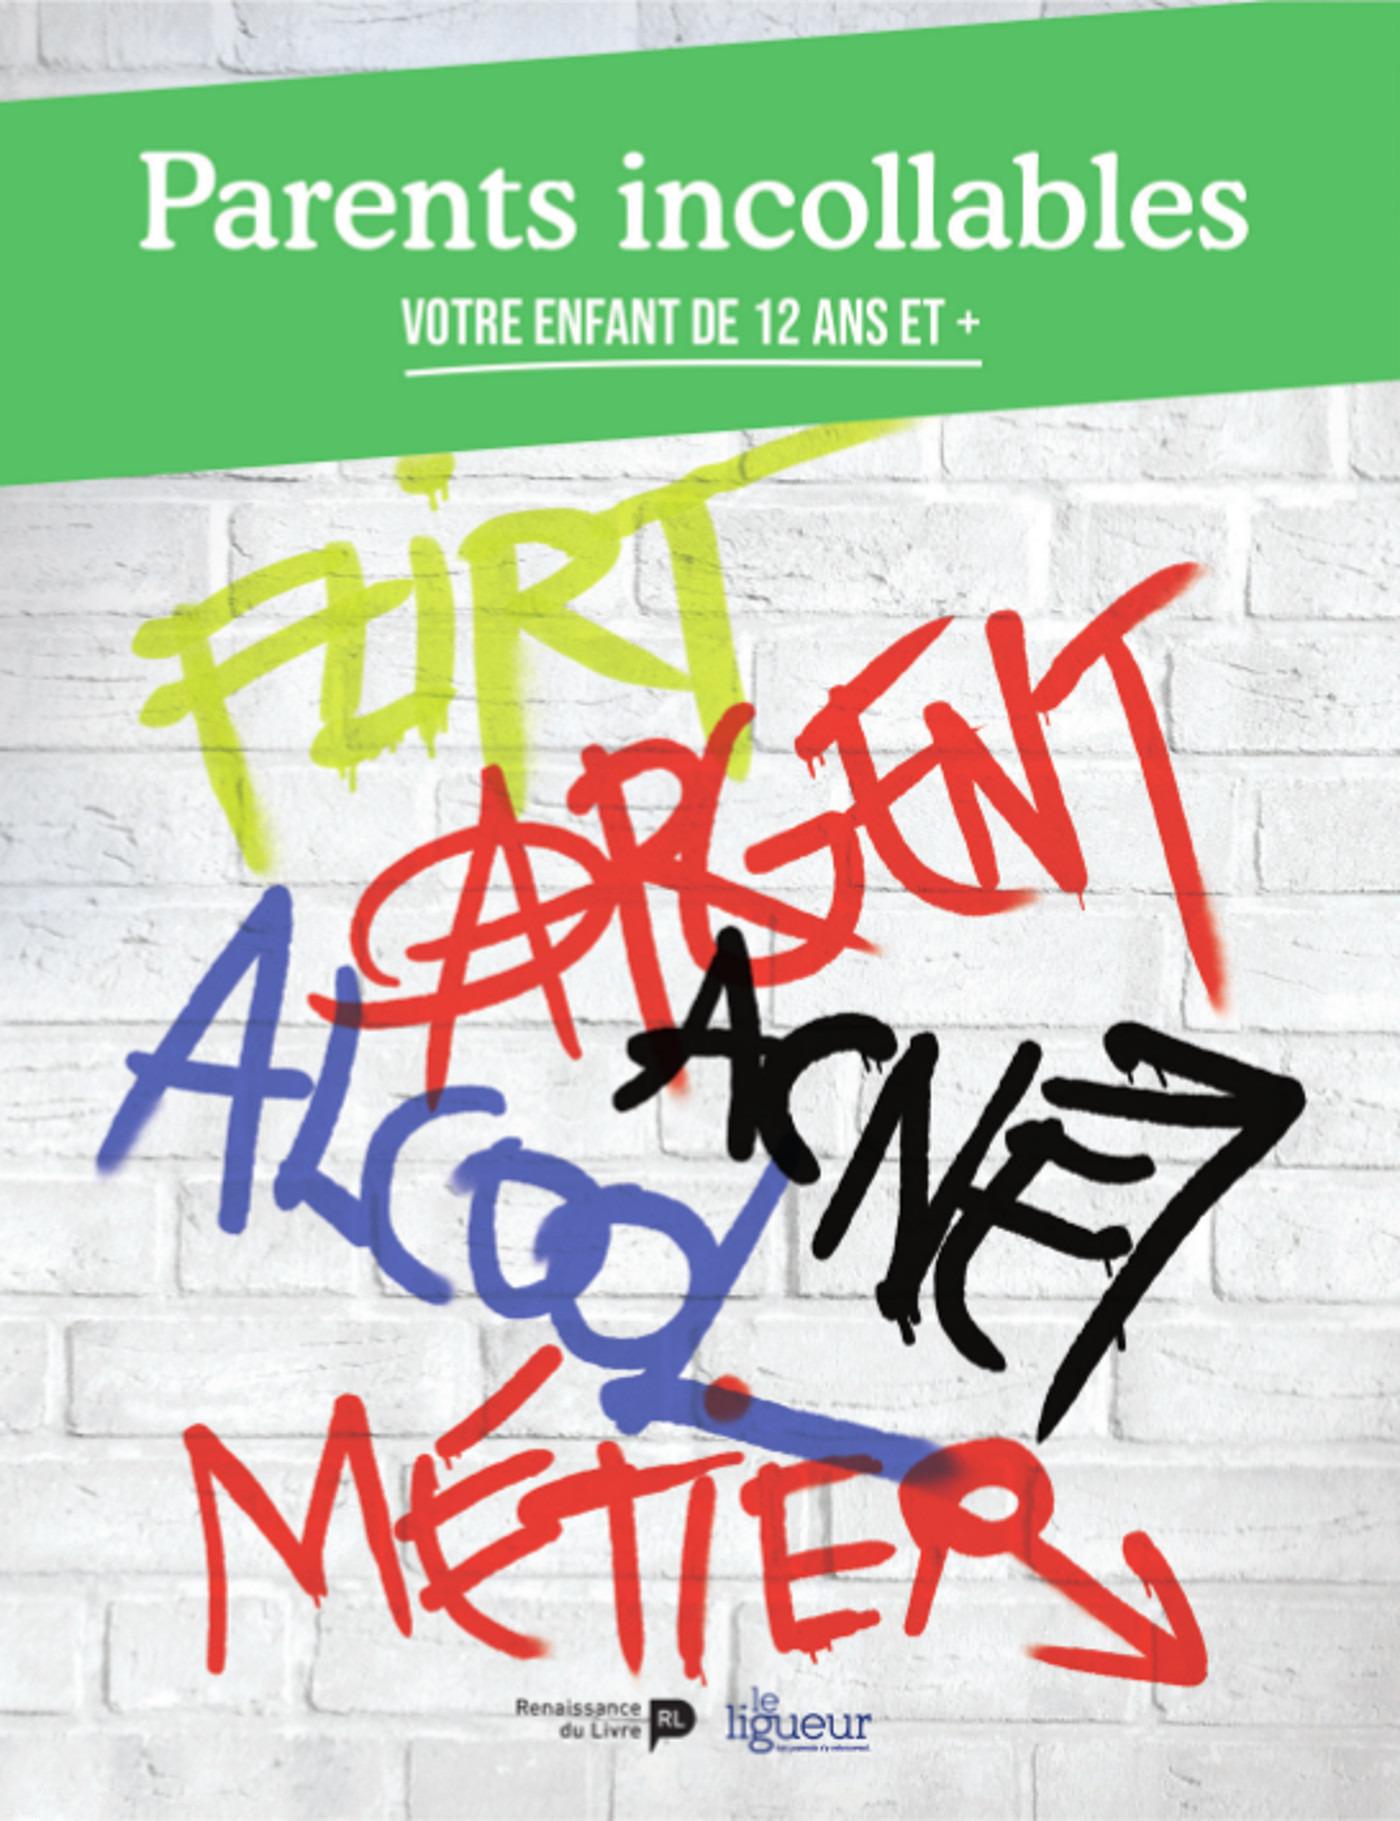 Parents incollables ; votre enfant de 12 ans et plus